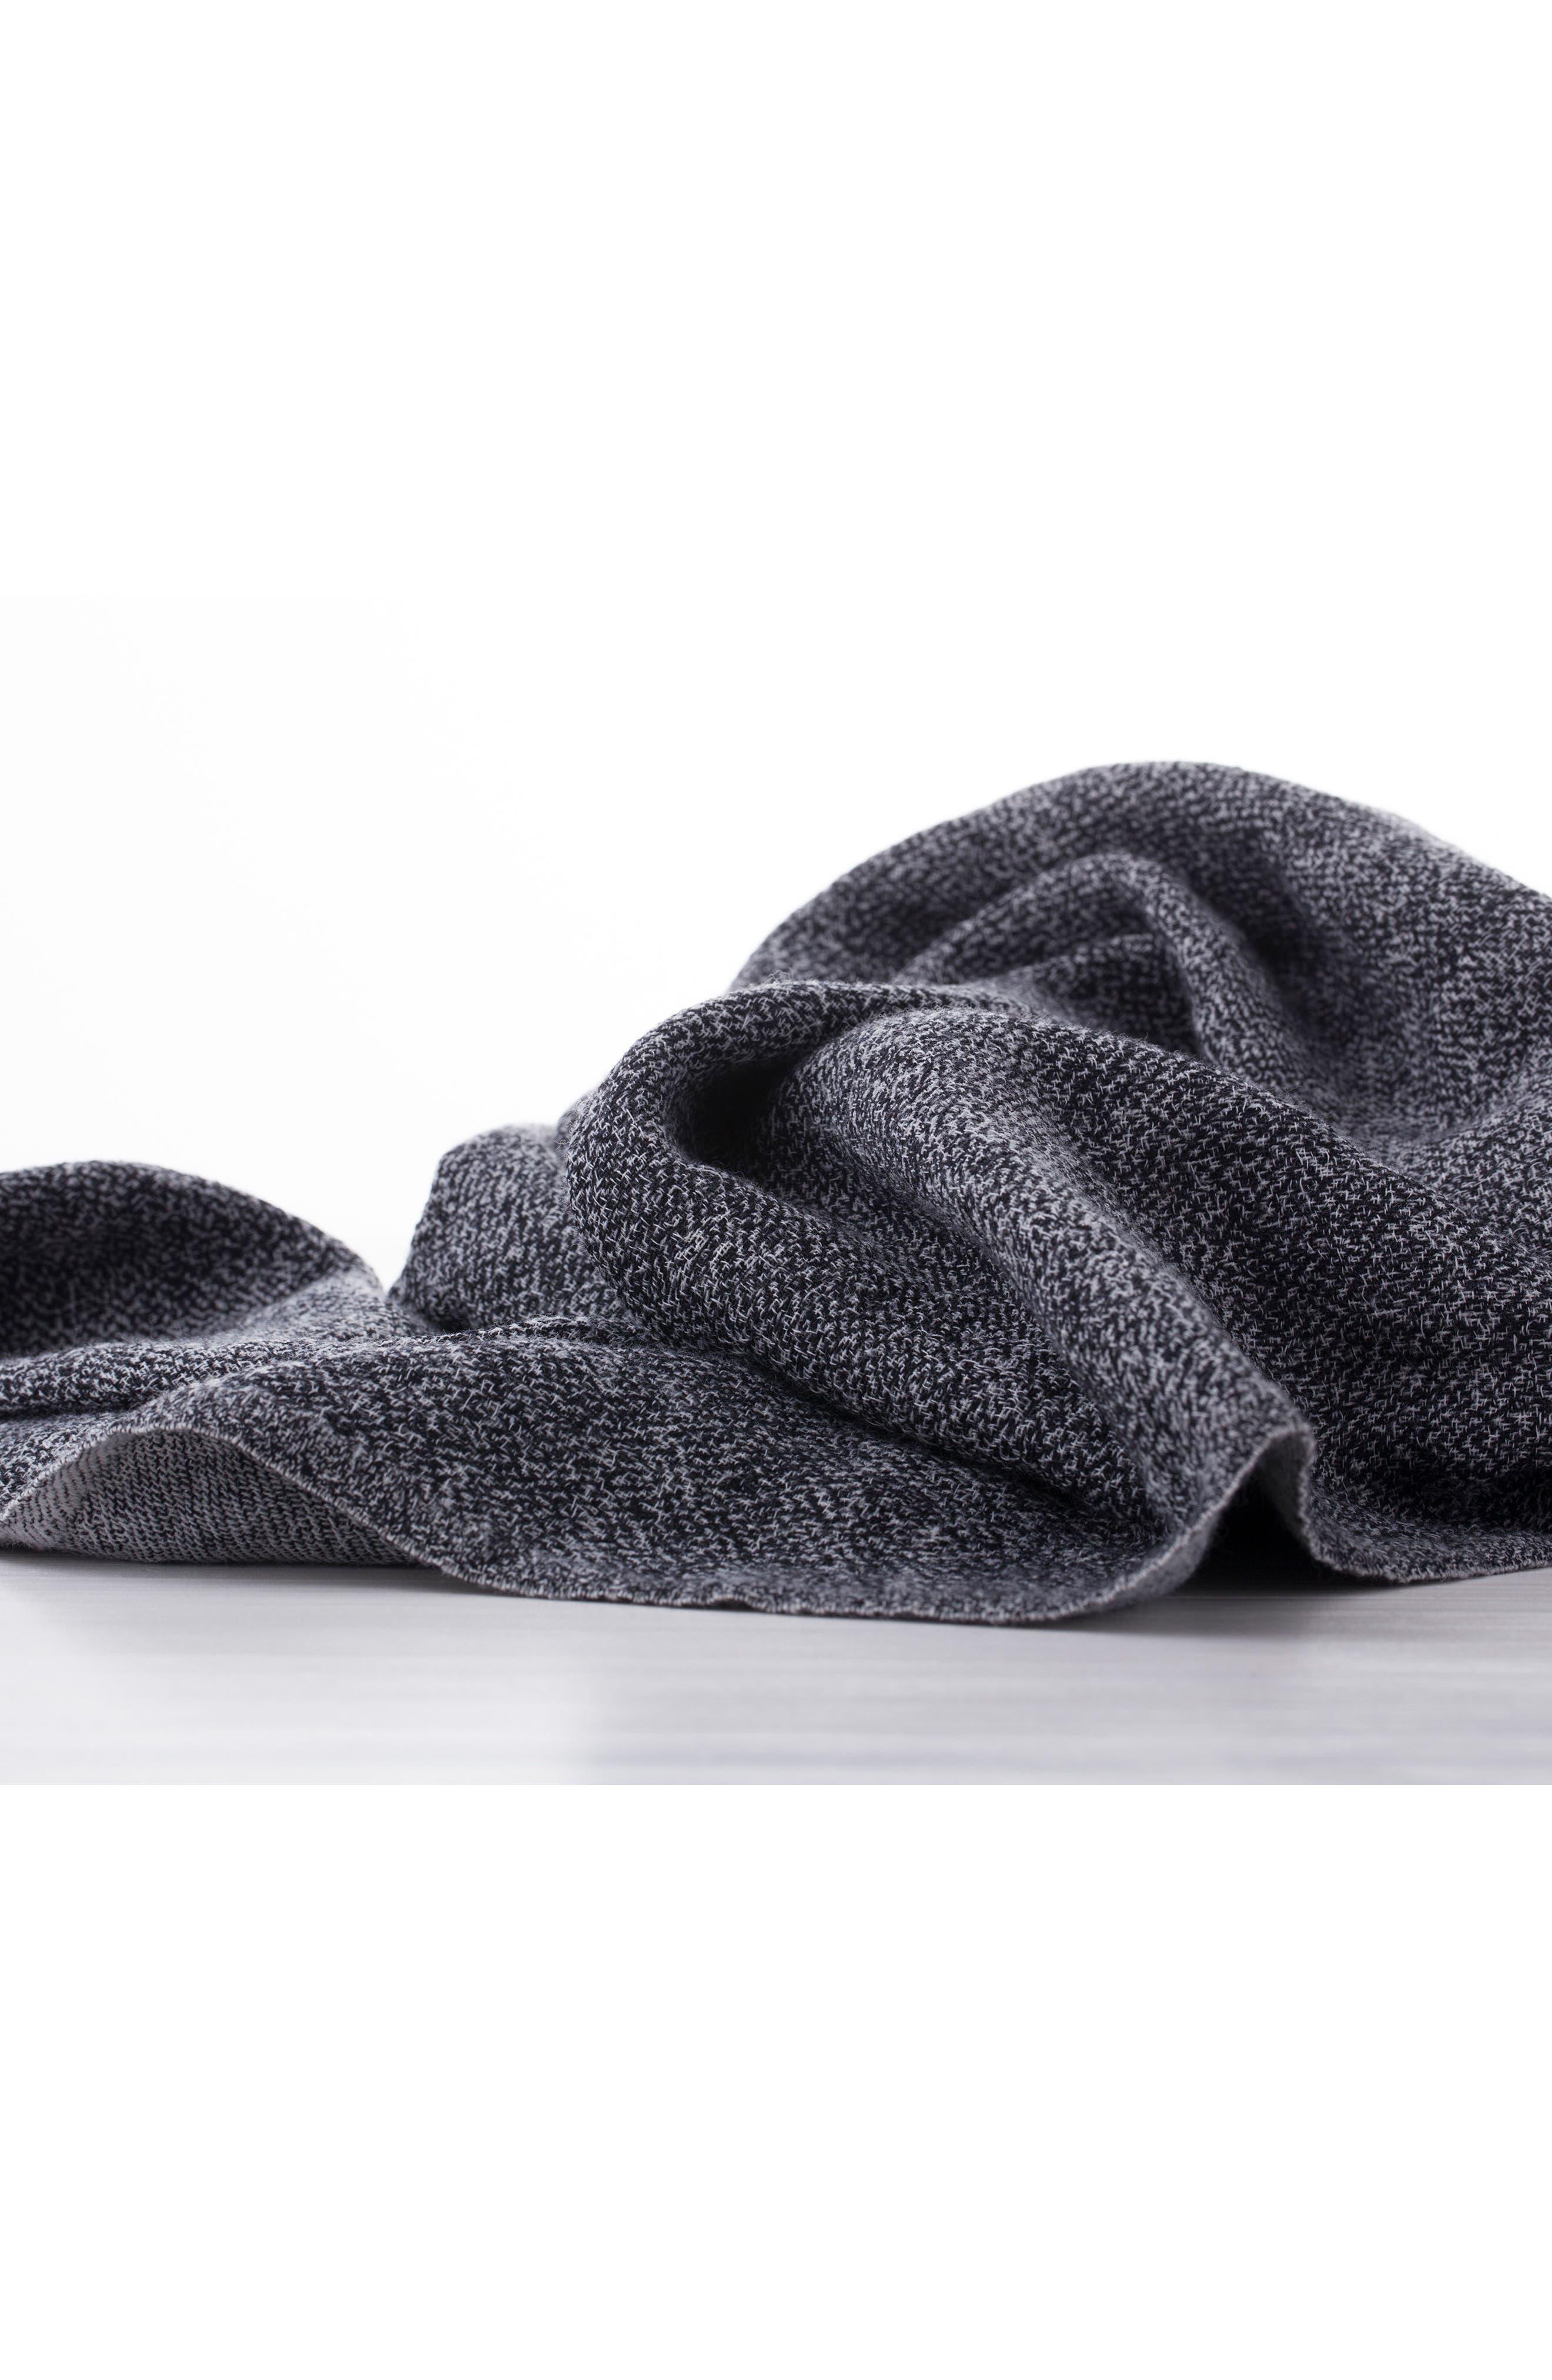 Alternate Image 3  - Modern Staples Blurred Herringbone Merino Wool Throw